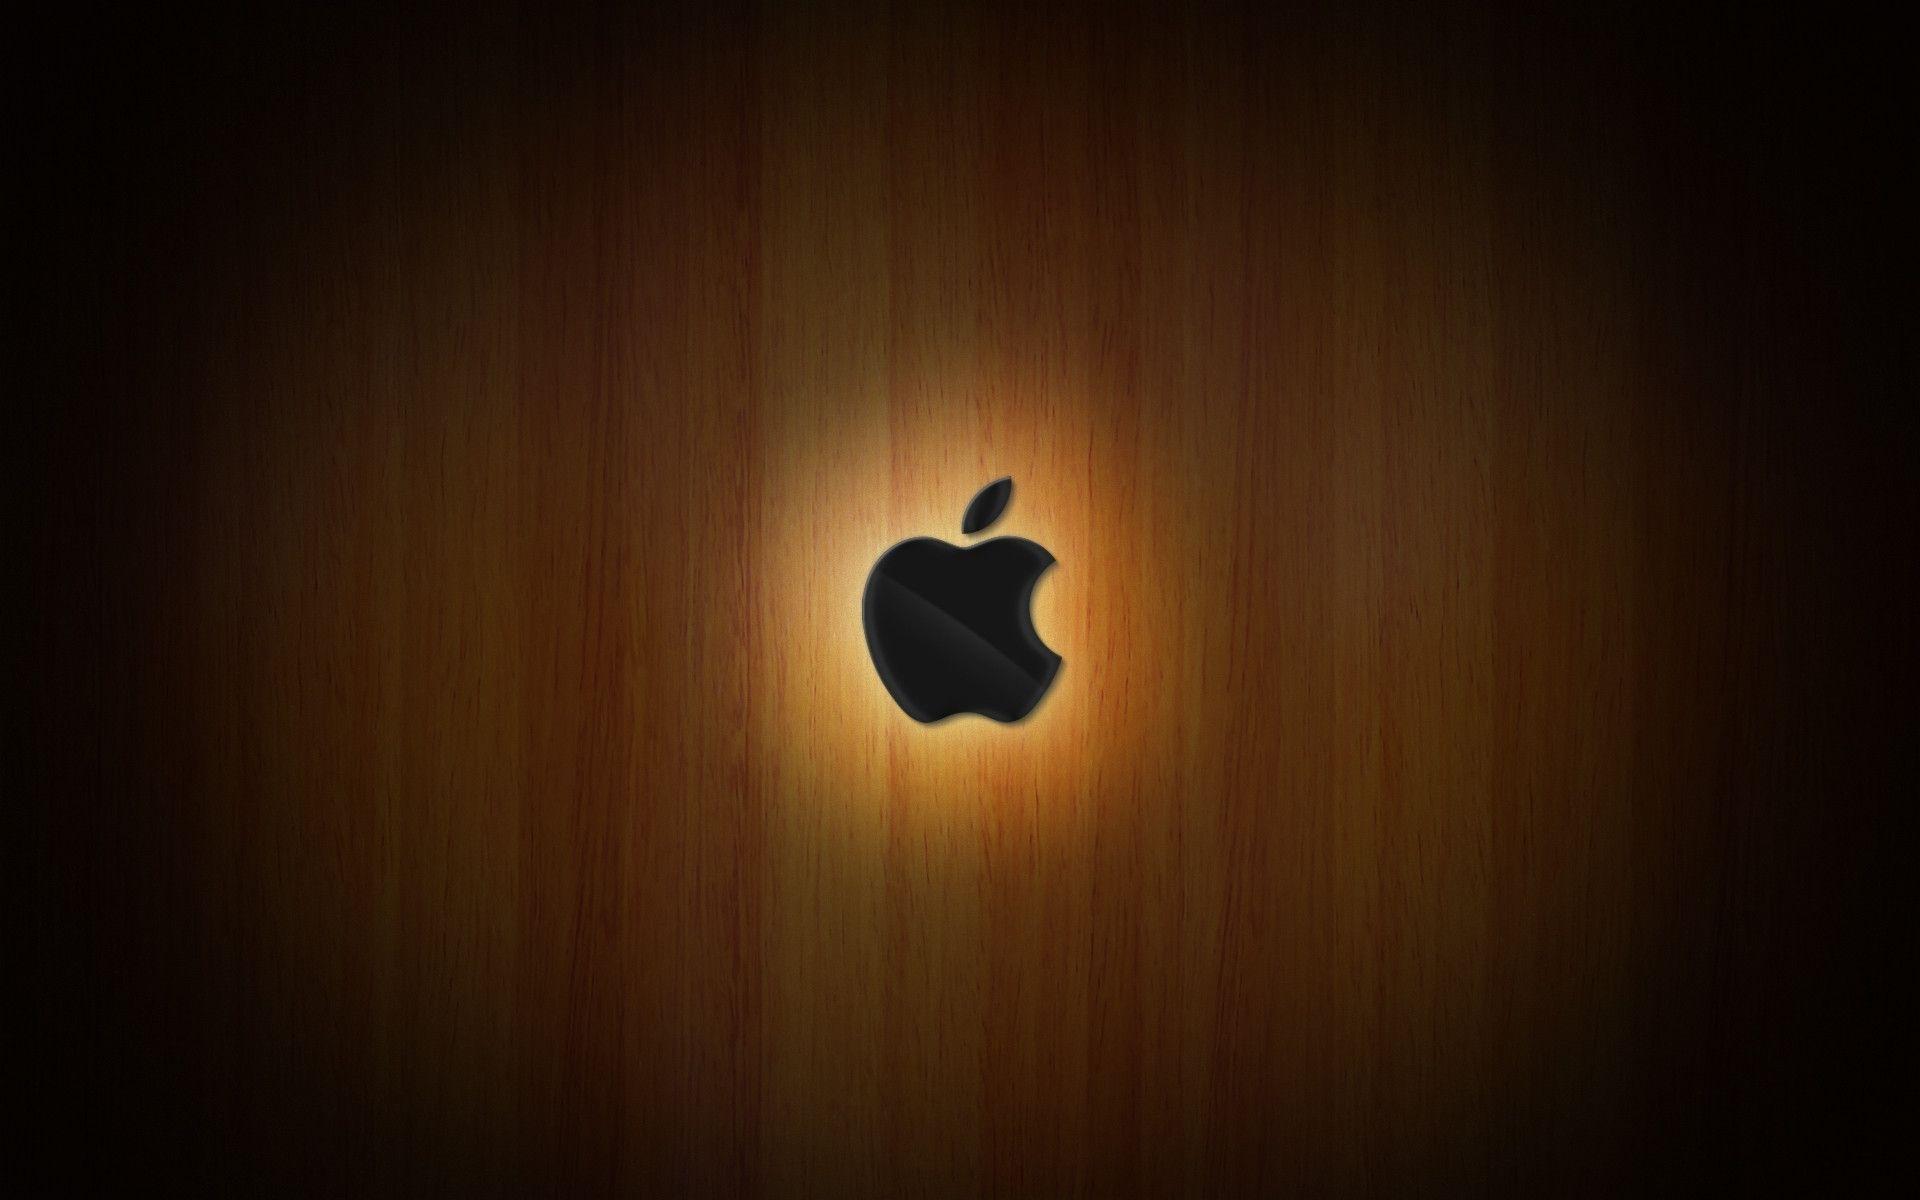 apple logo wallpaper on | wallpapers | pinterest | apple logo